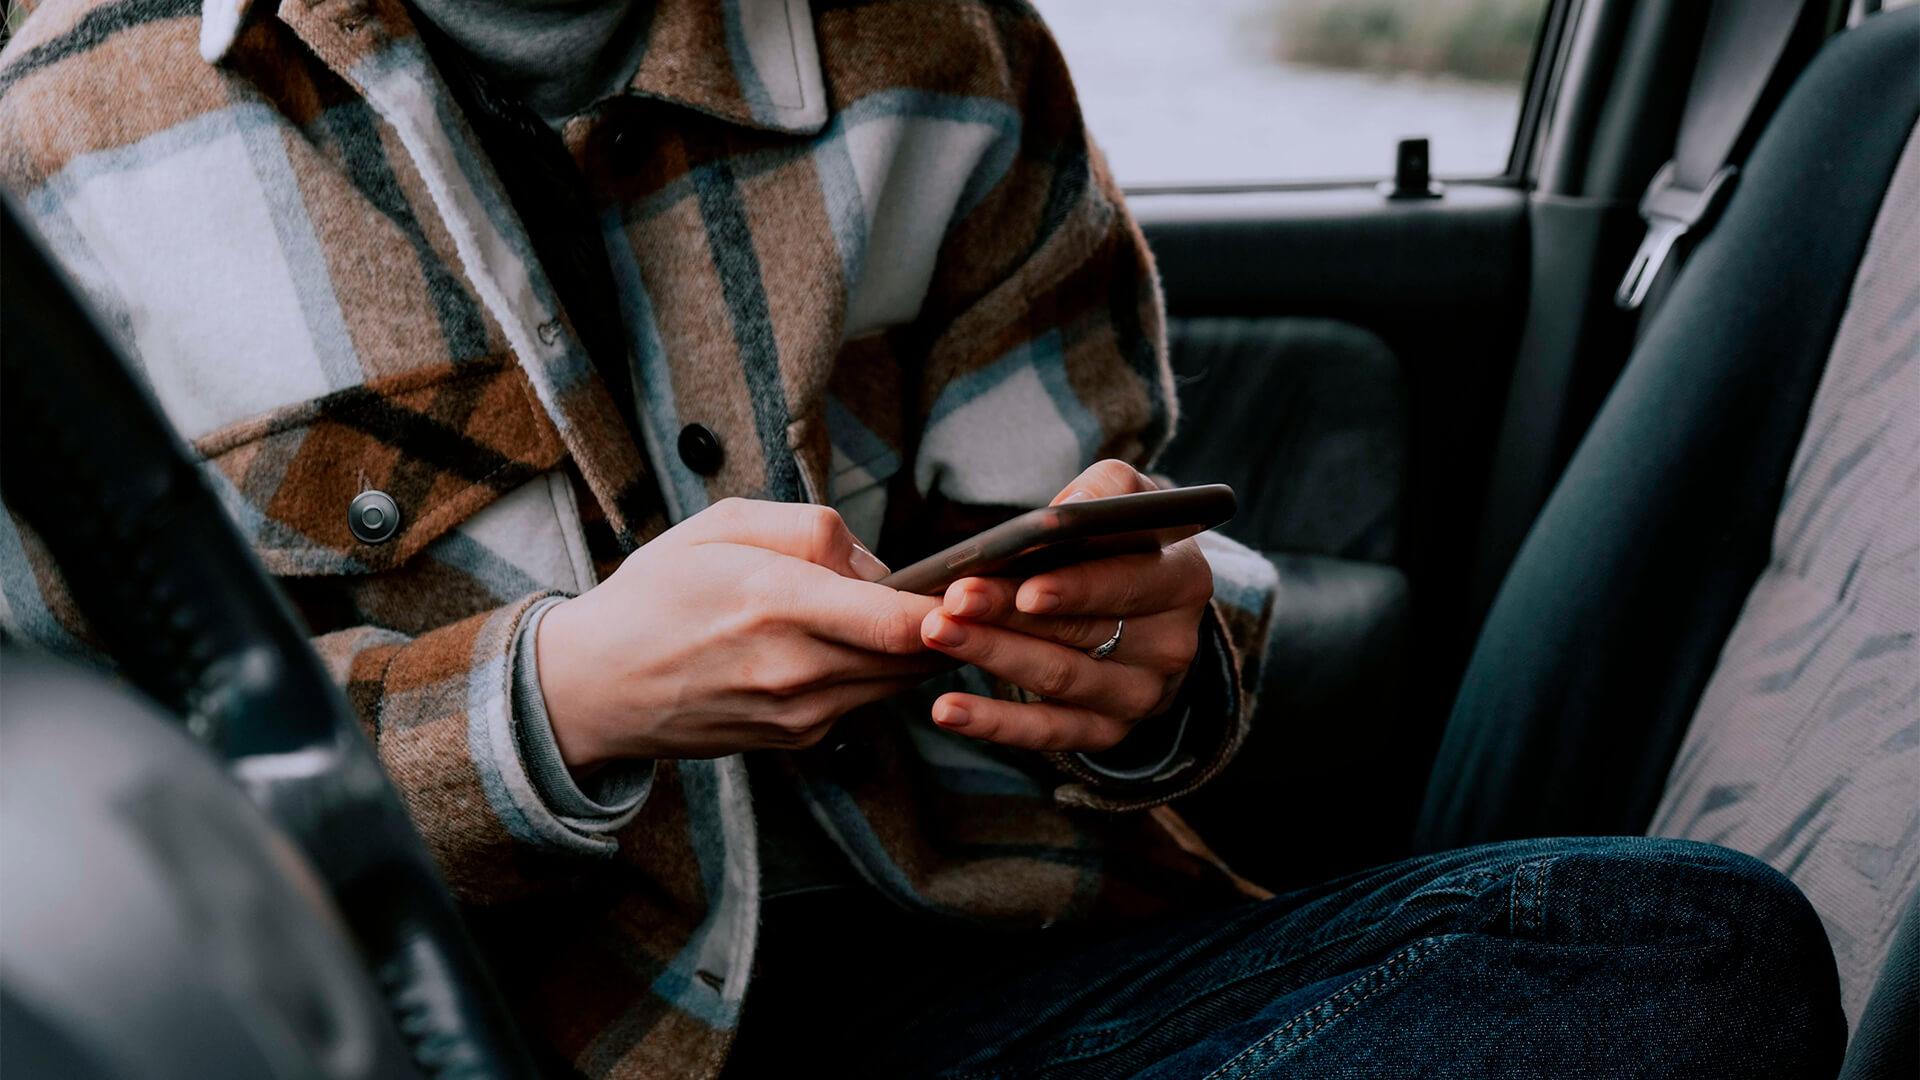 Eine Frau sitzt im Auto und hält ein Handy in der Hand